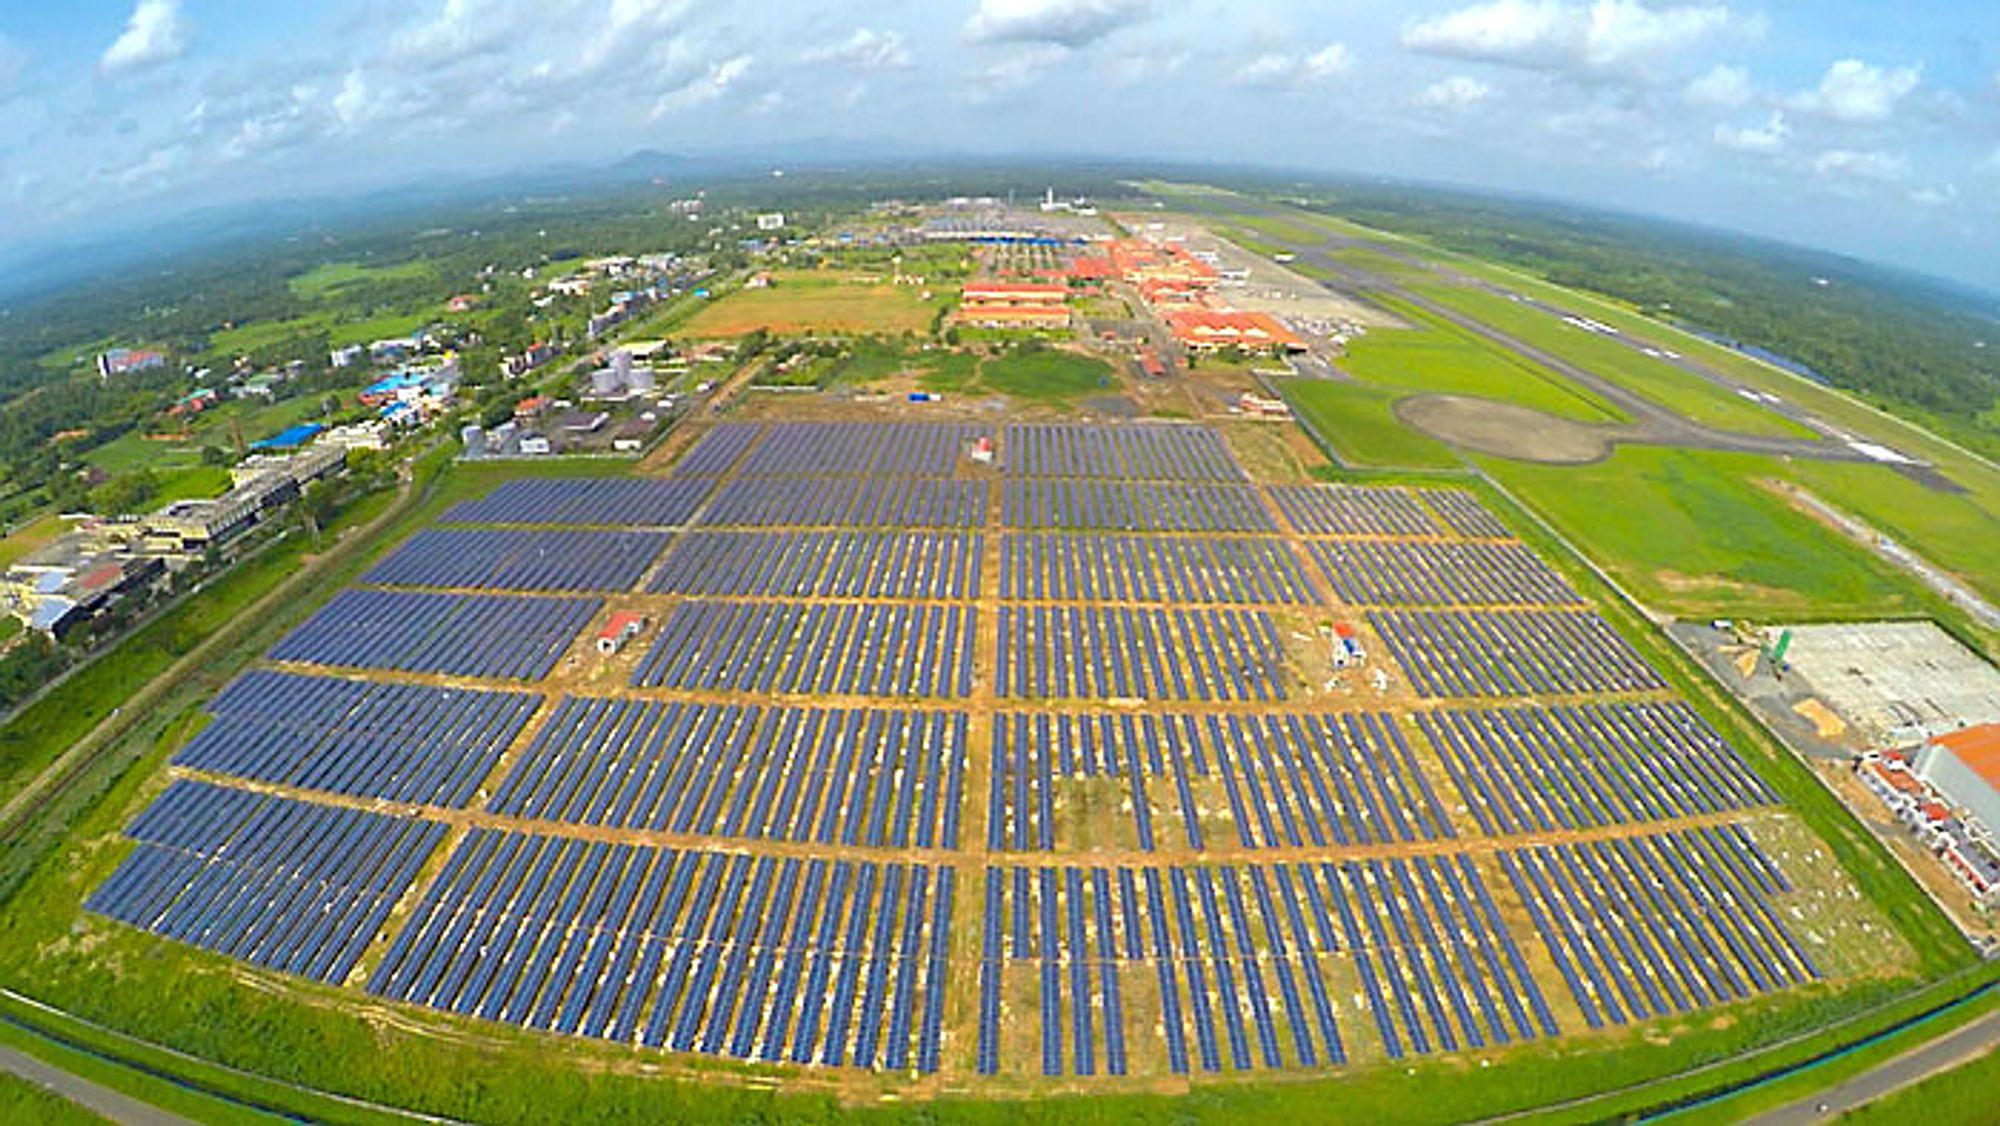 Solkraftverket på Cochin International Airport har en installert effekt på 12 MW.